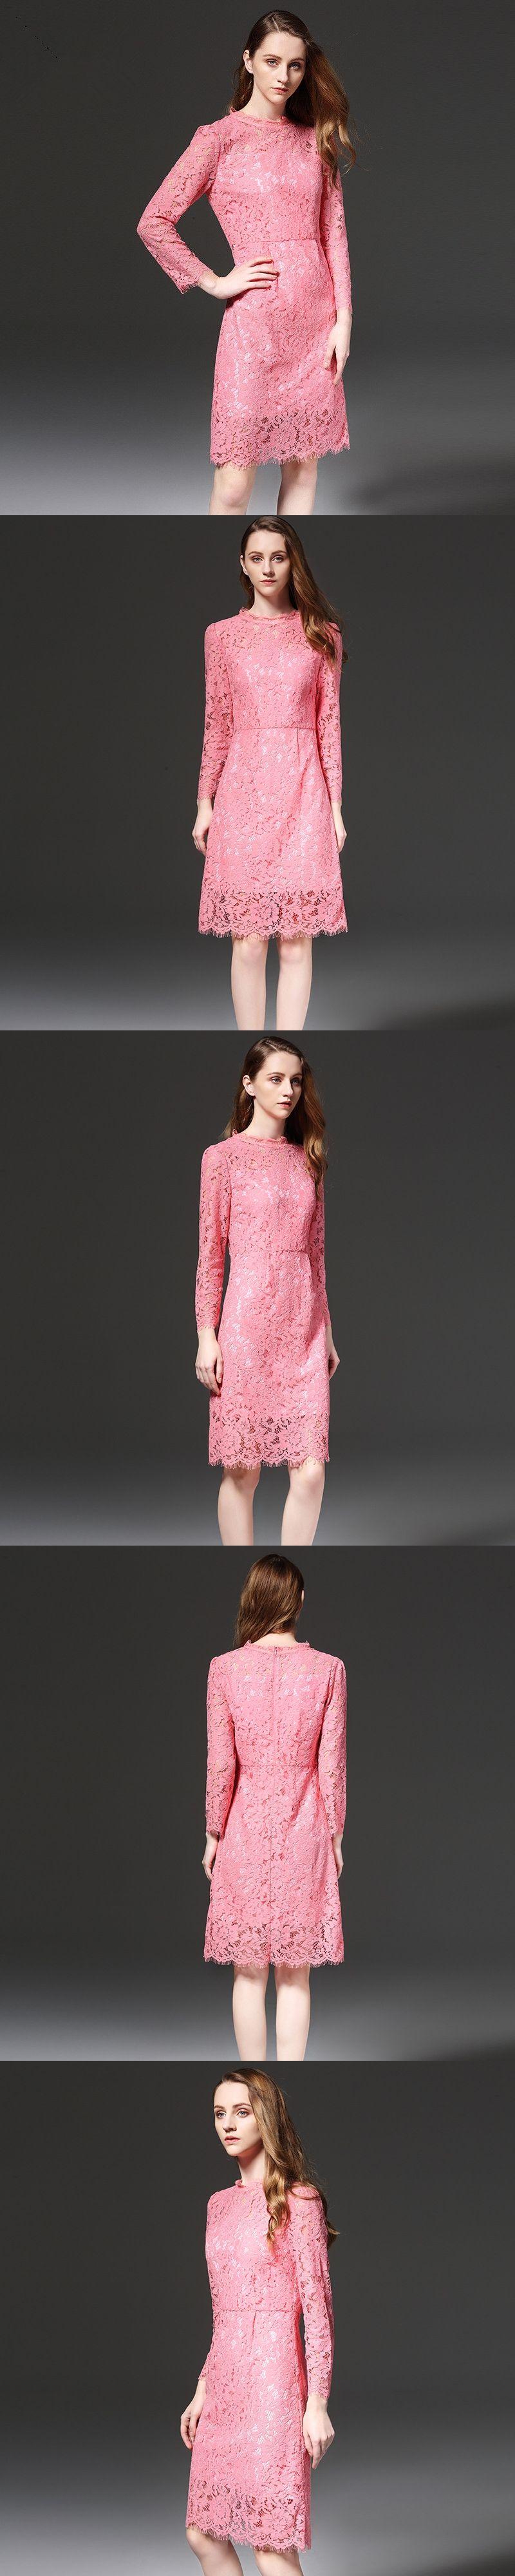 Lace dress women fashion eyelash dresses plus size lxl slim